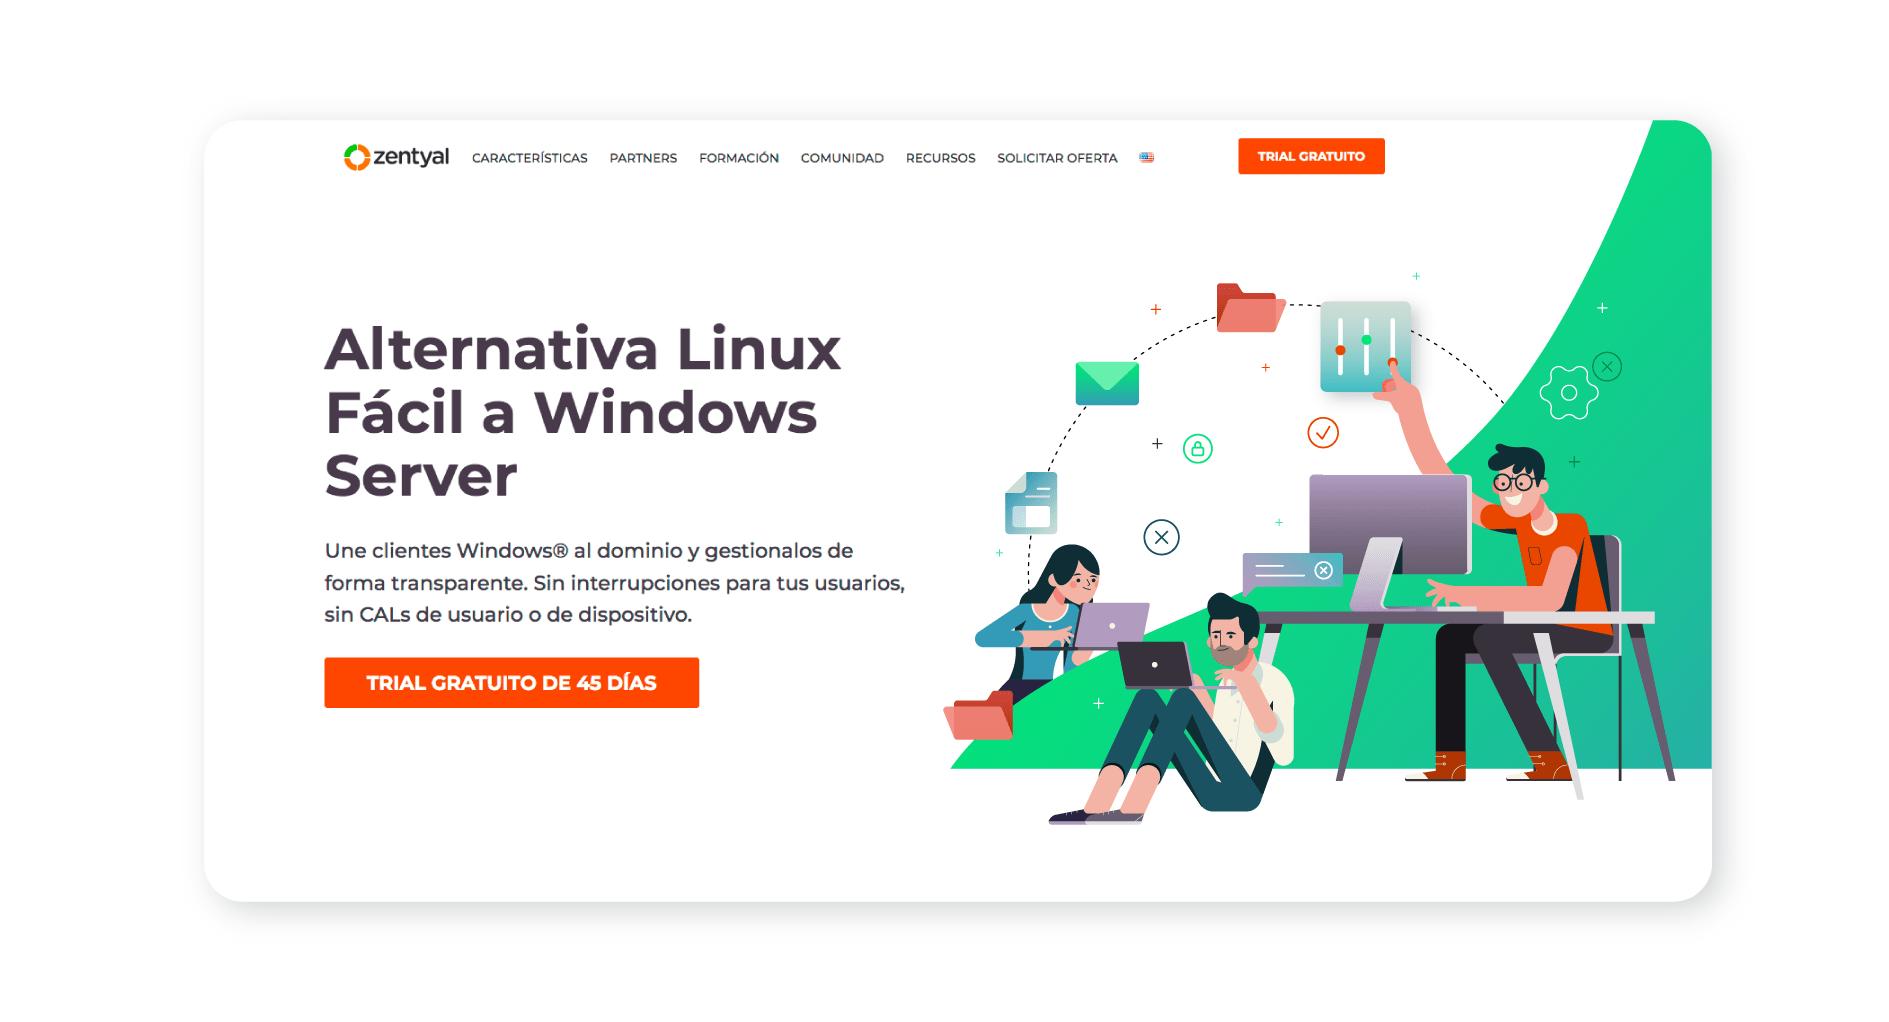 Zentyal Ilustracion Web